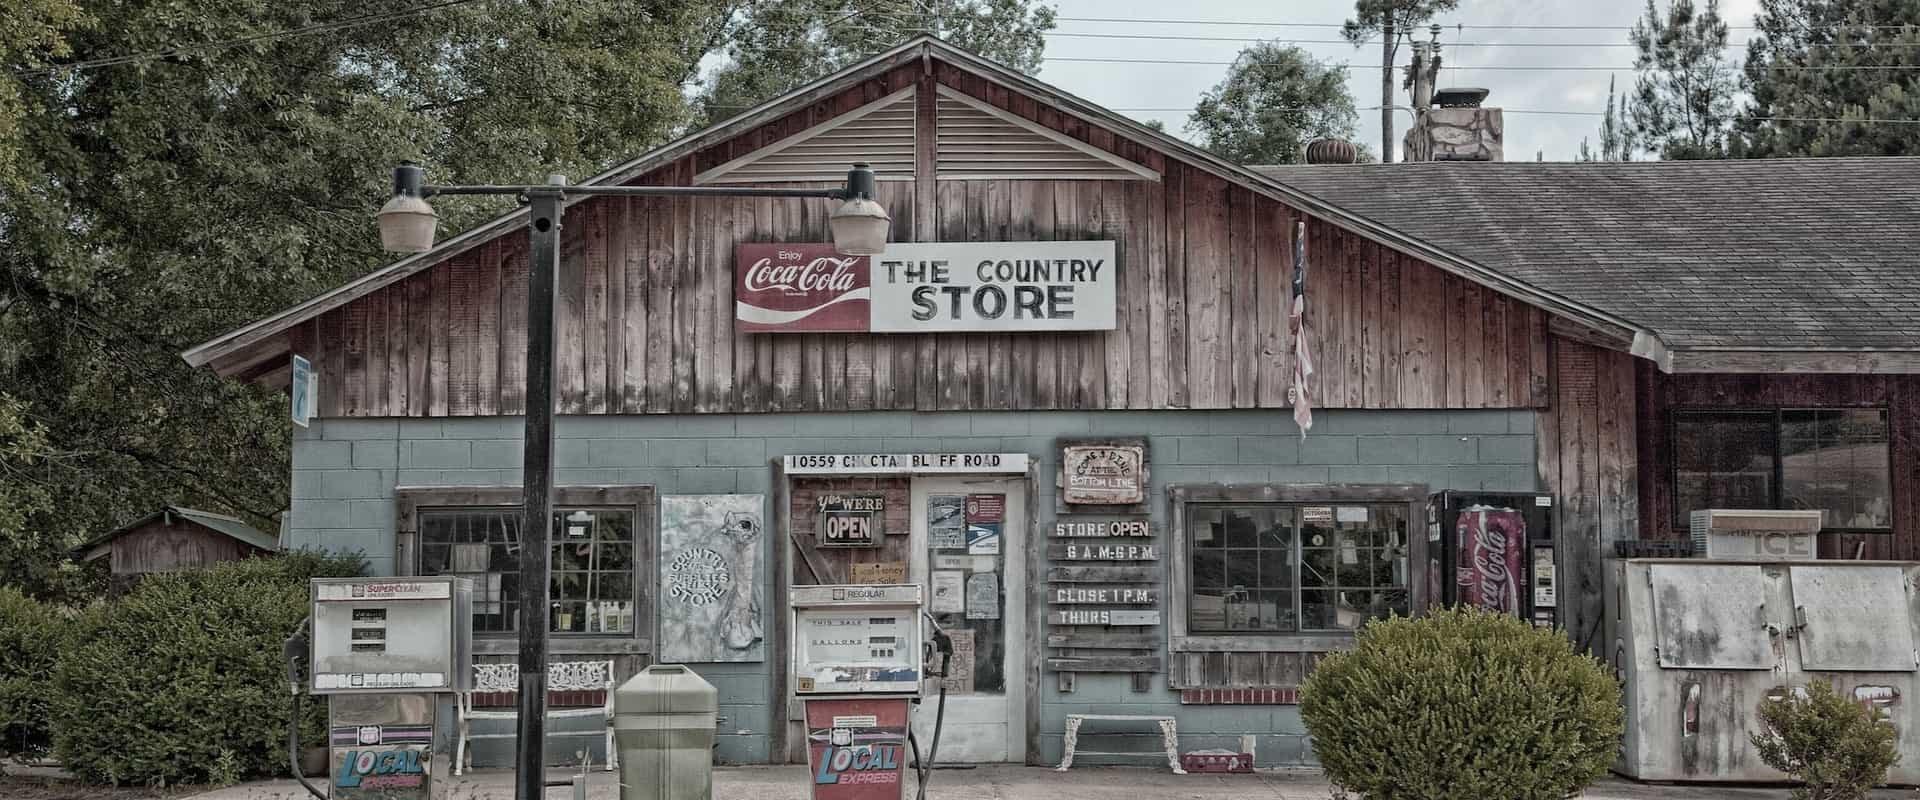 COSYS POS Lösung für den Convenience Store